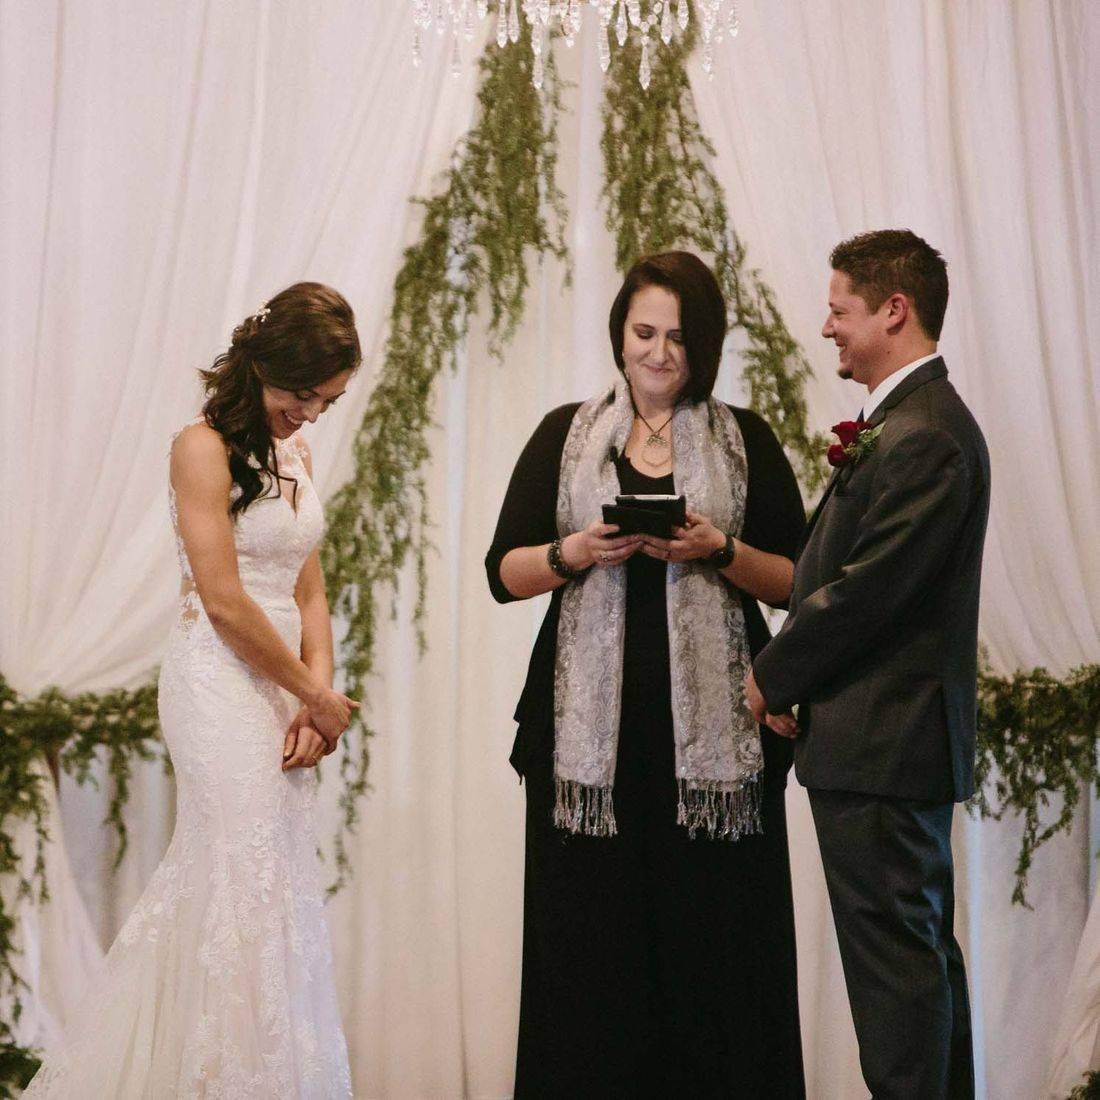 minister, officiant, wedding, venue, Charlotte, NC, lunahzon